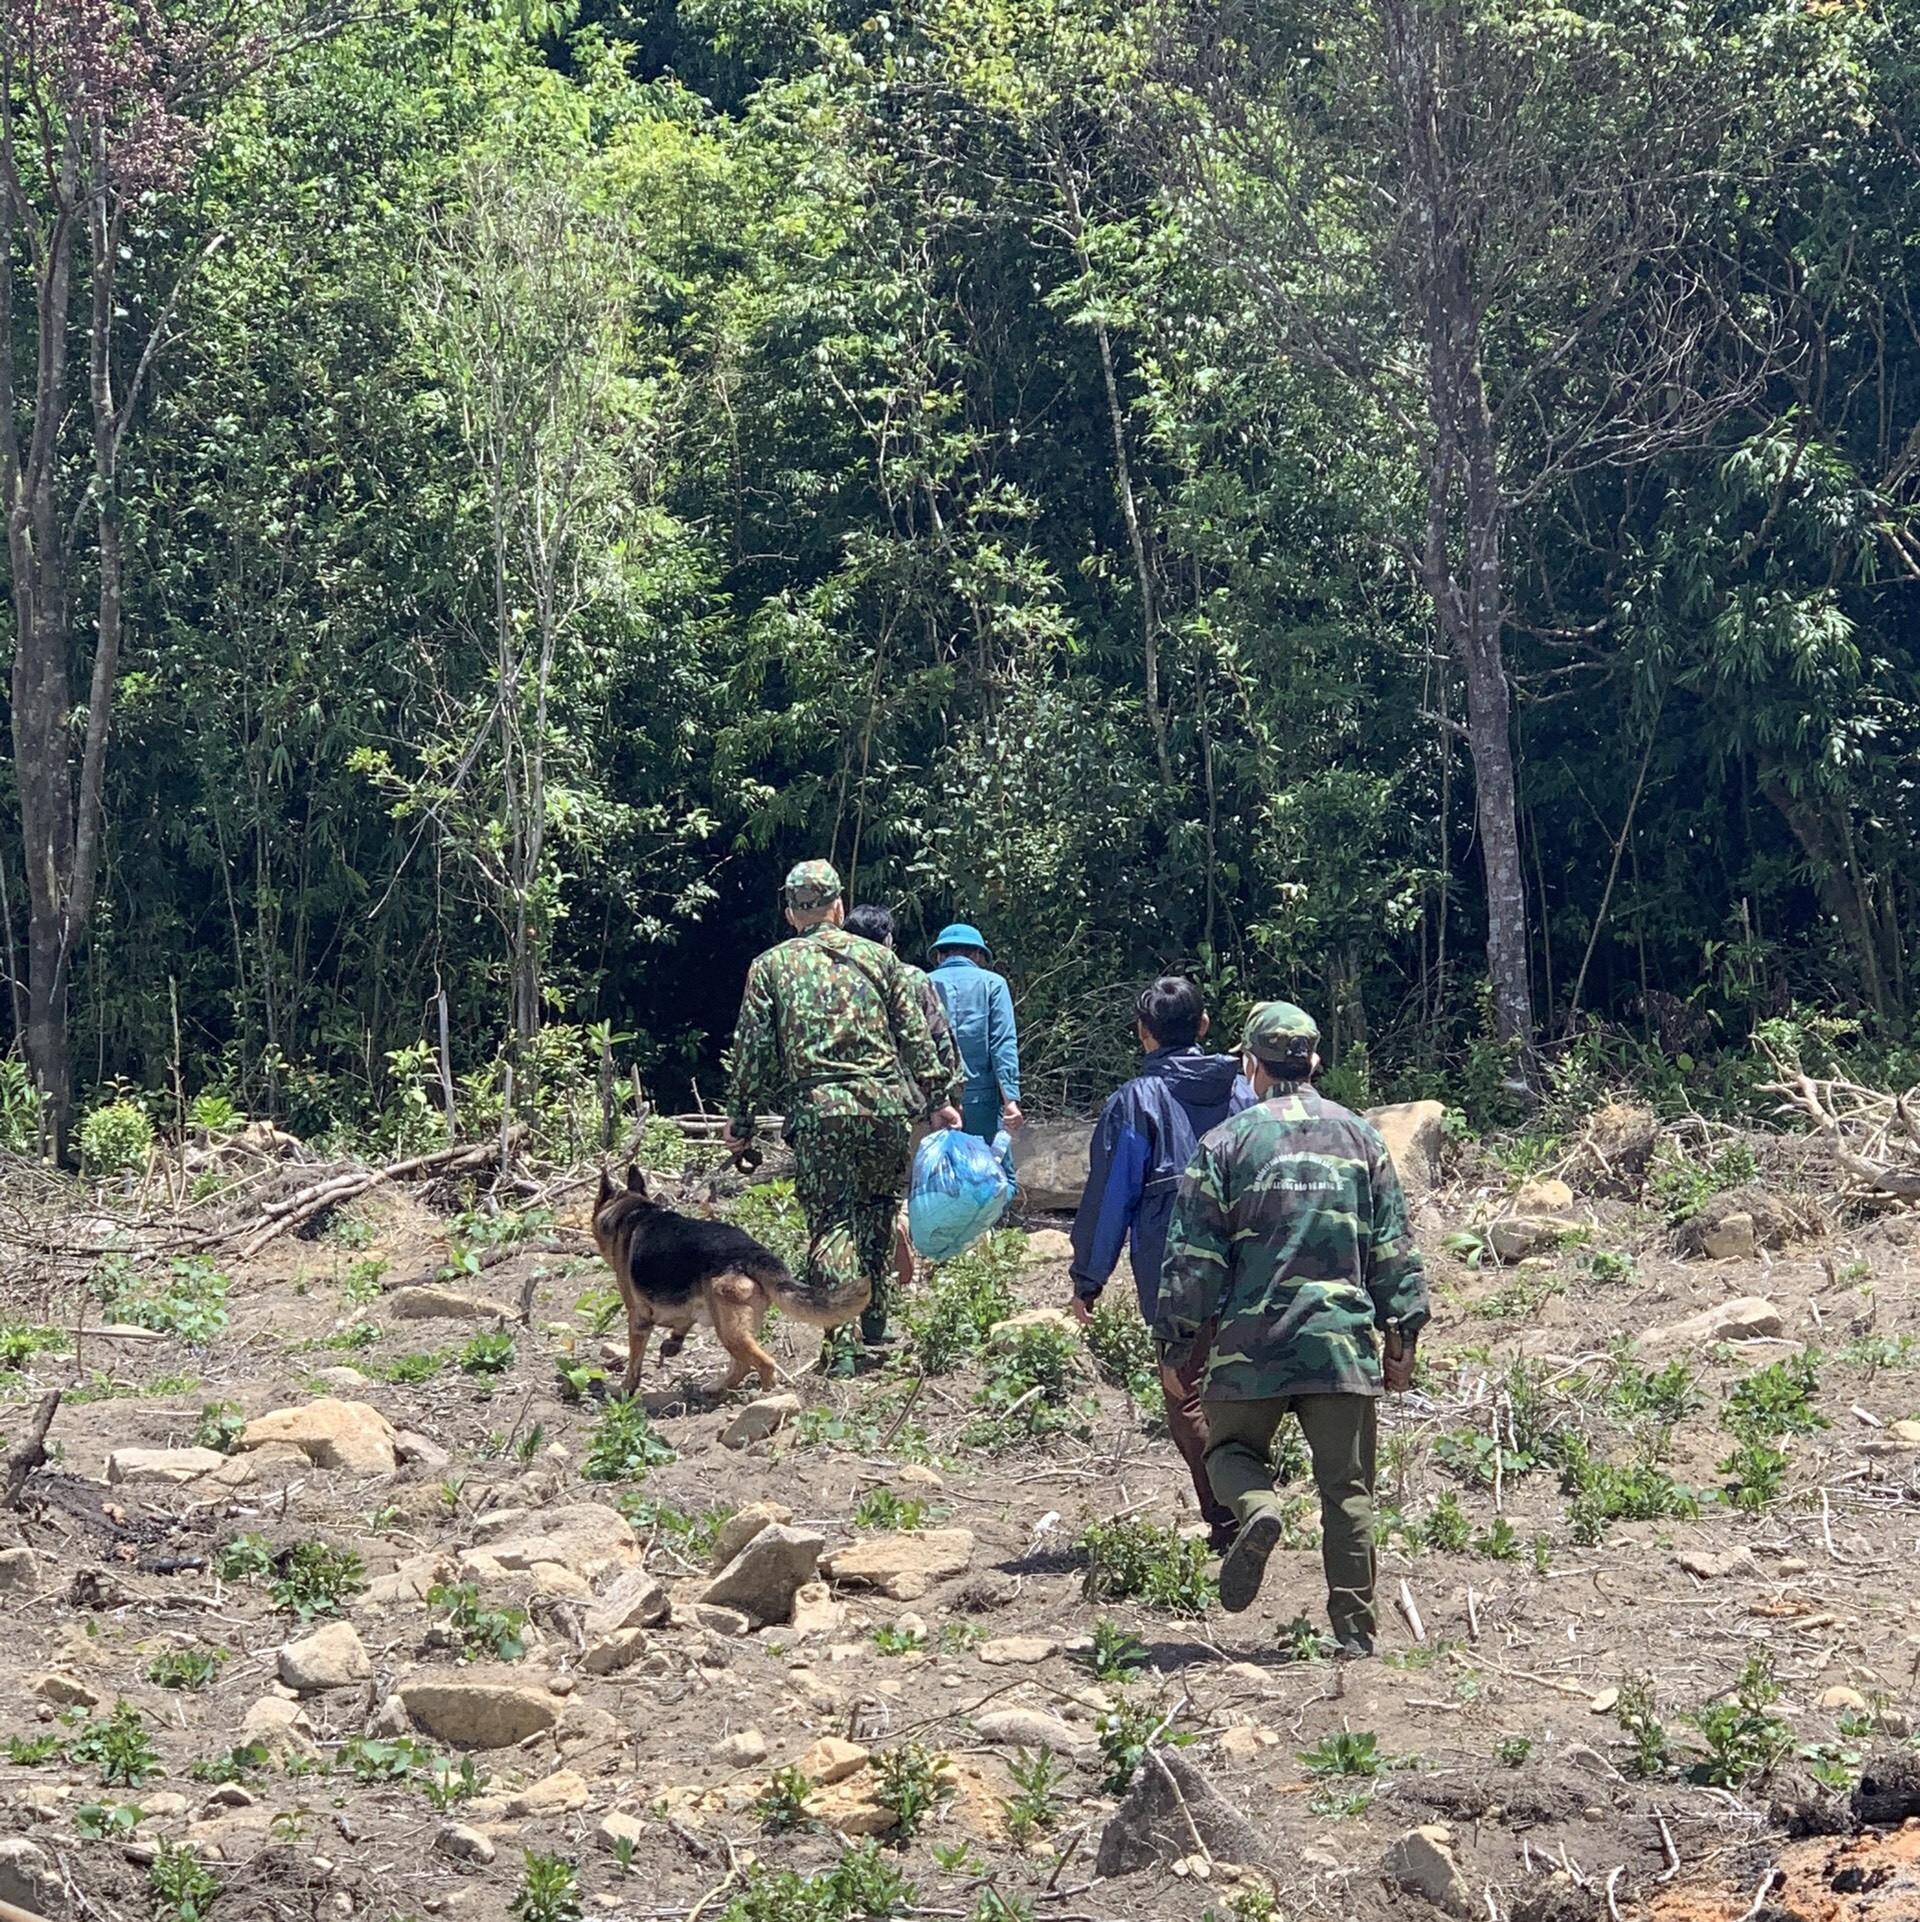 Ảnh: 20 giờ trèo đèo, lội suối tìm kiếm 2 cô gái bị lạc trong rừng sâu-2